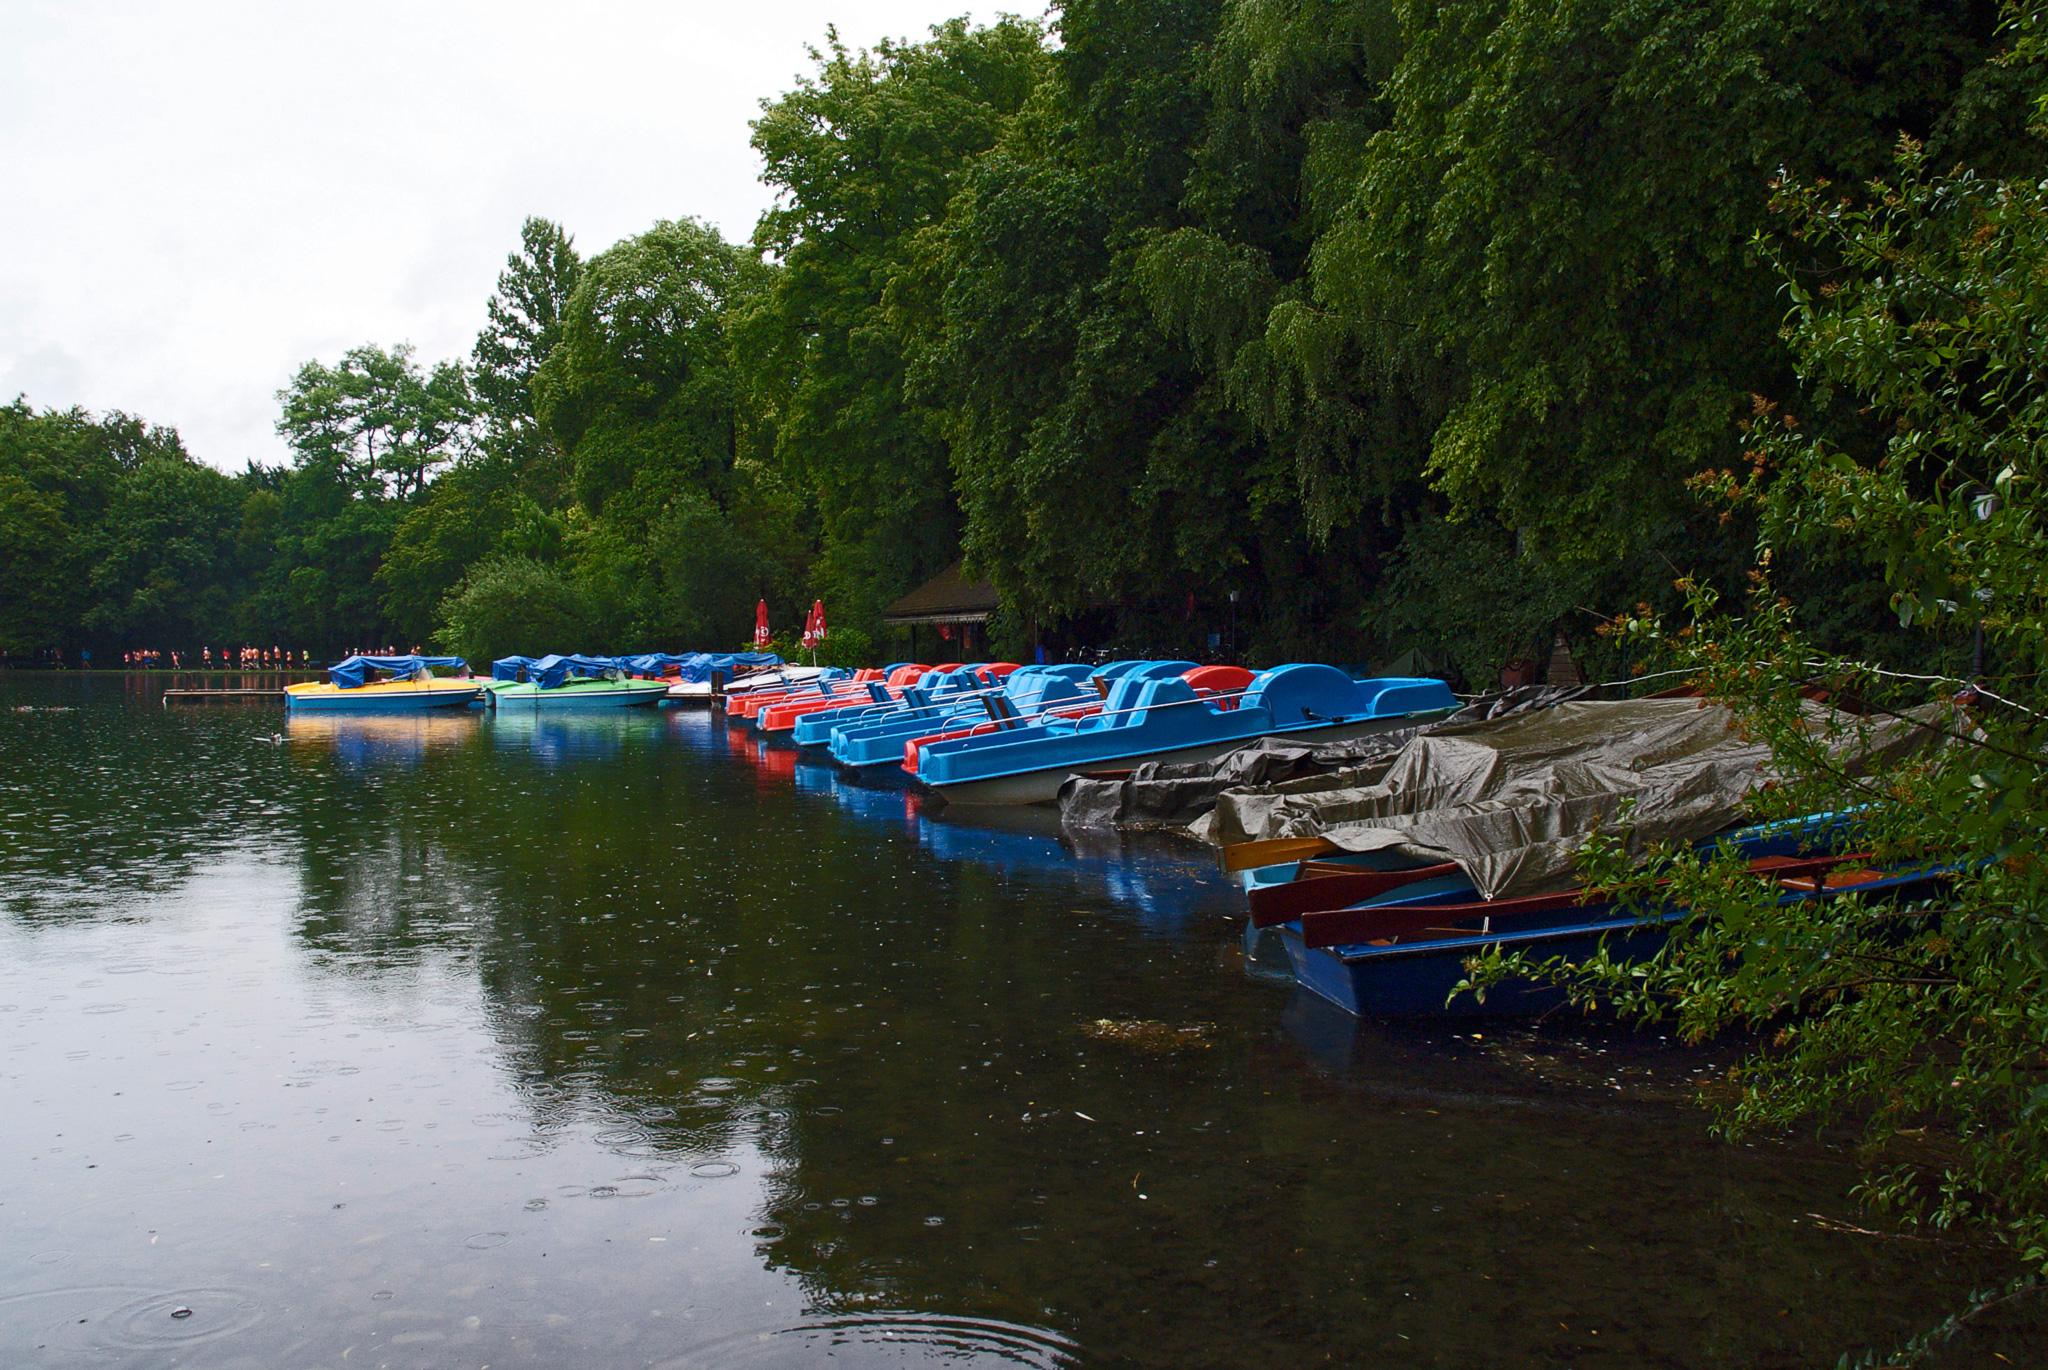 Am Rande von Schwabing: Bootsverleih im Englischen Garten